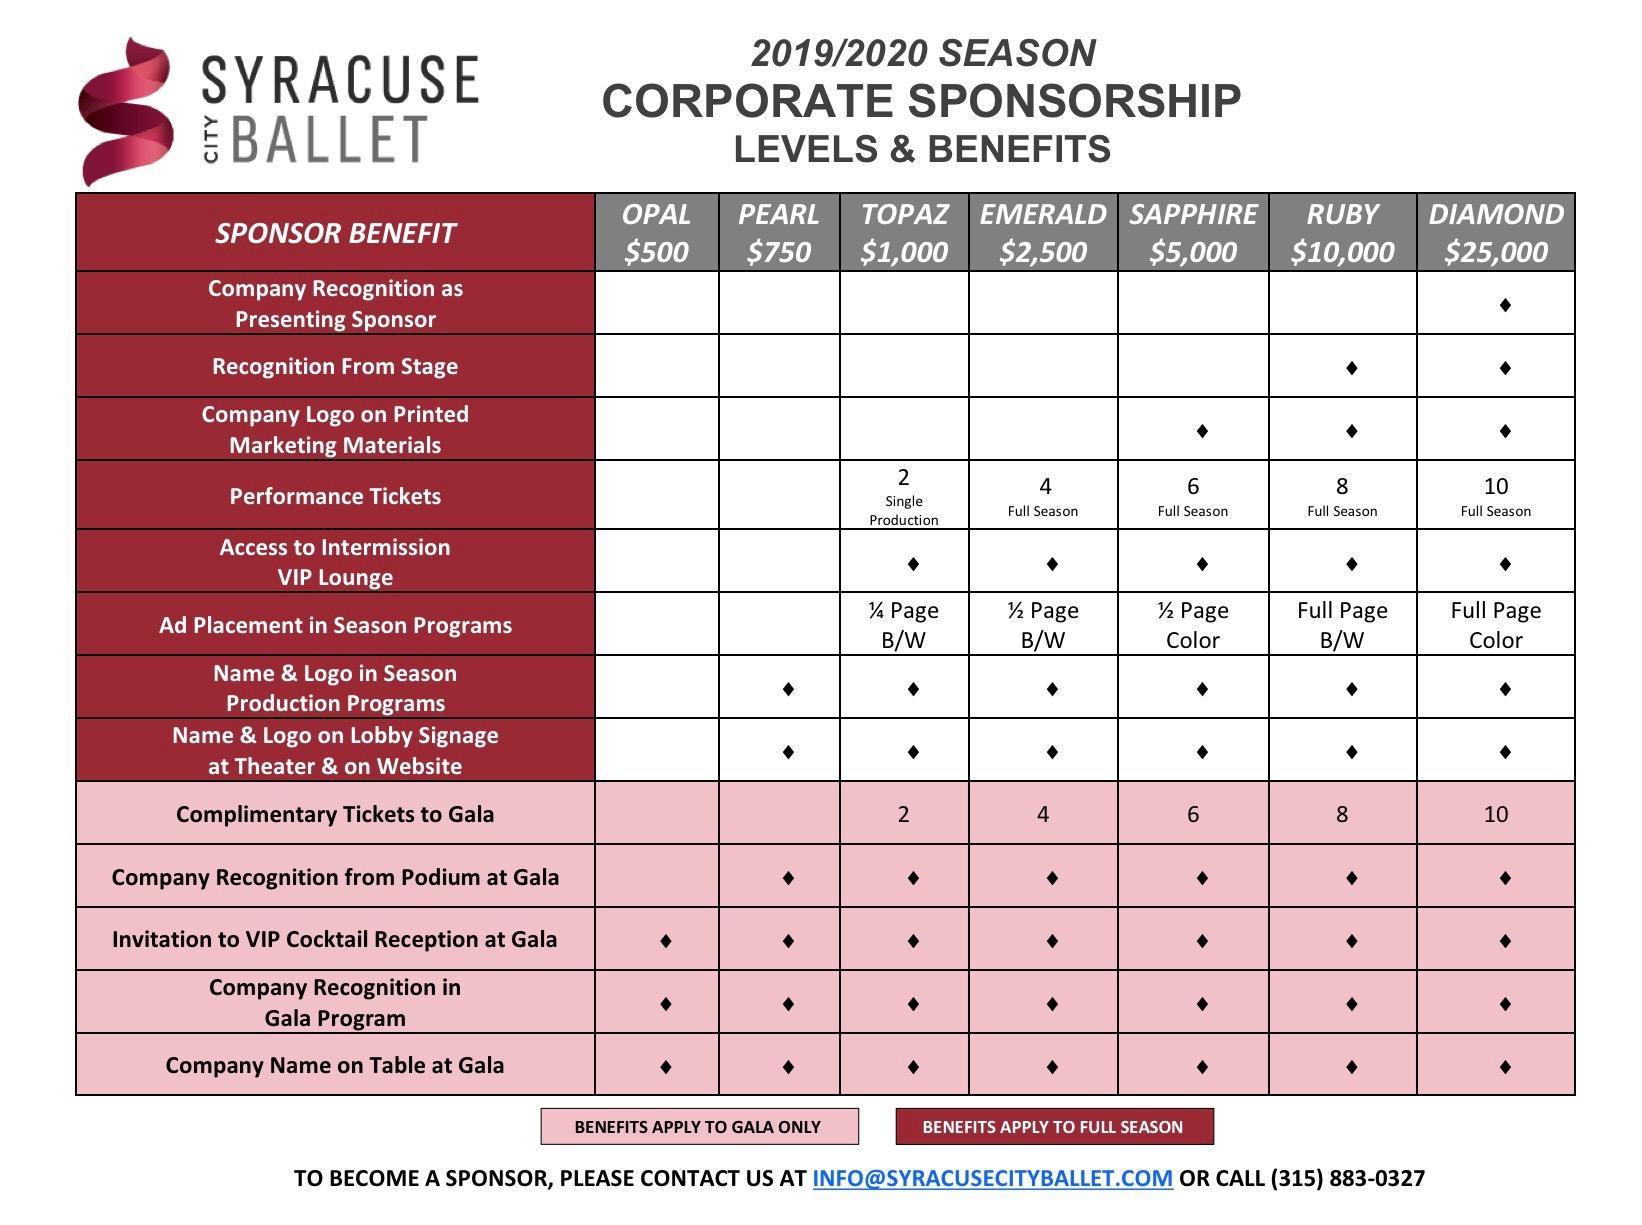 SCB CORPORATE SPONSORSHIPS 2019.jpg